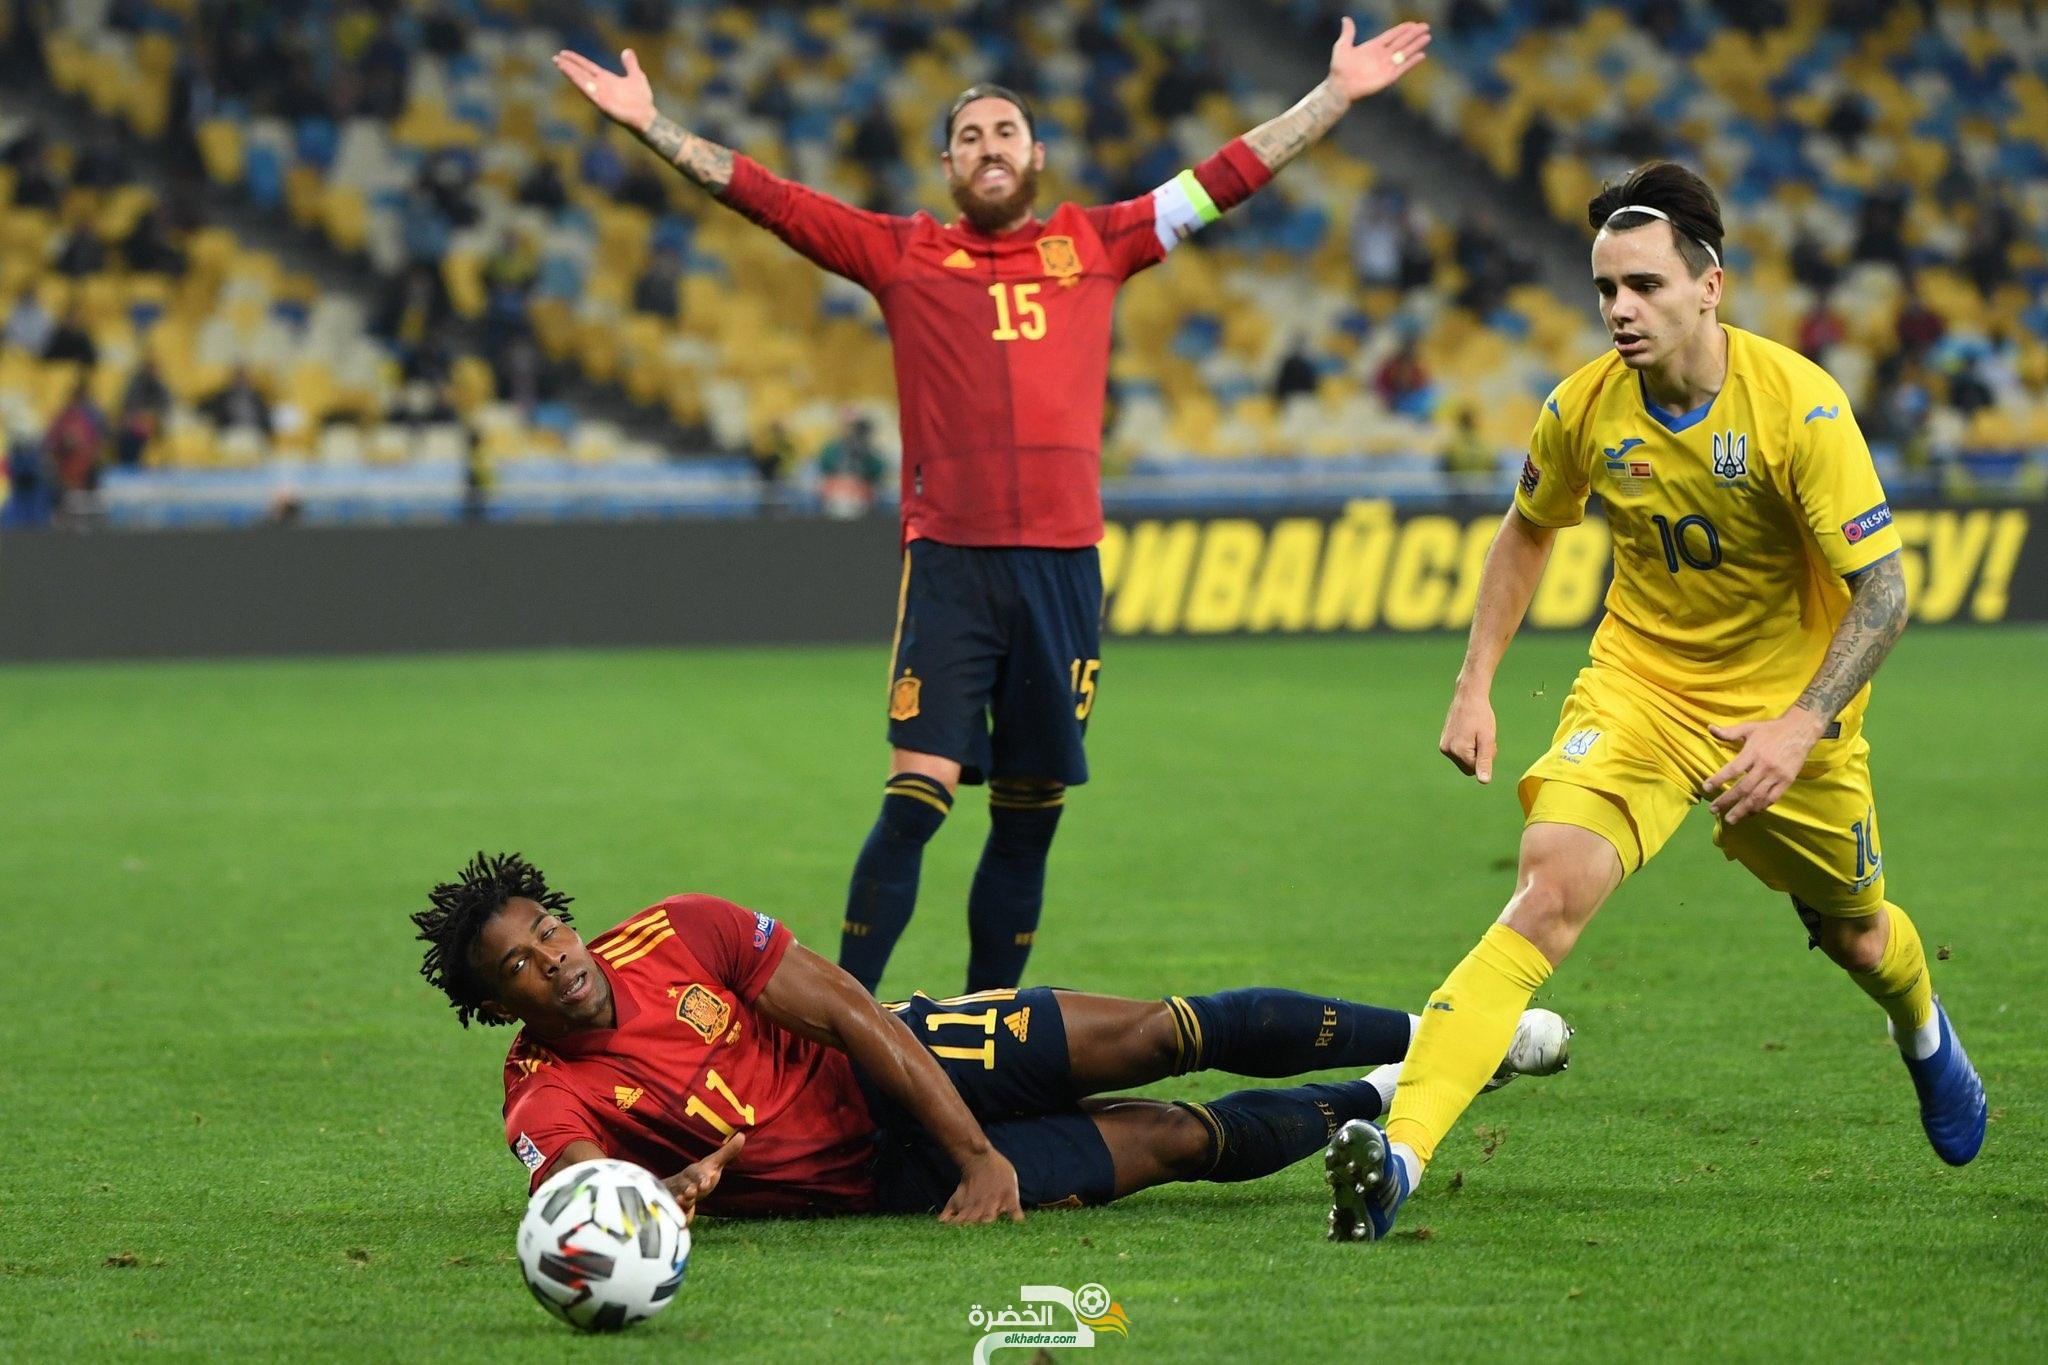 منتخب أوكرانيا يفوز على إسبانيا بهدف دون رد 30